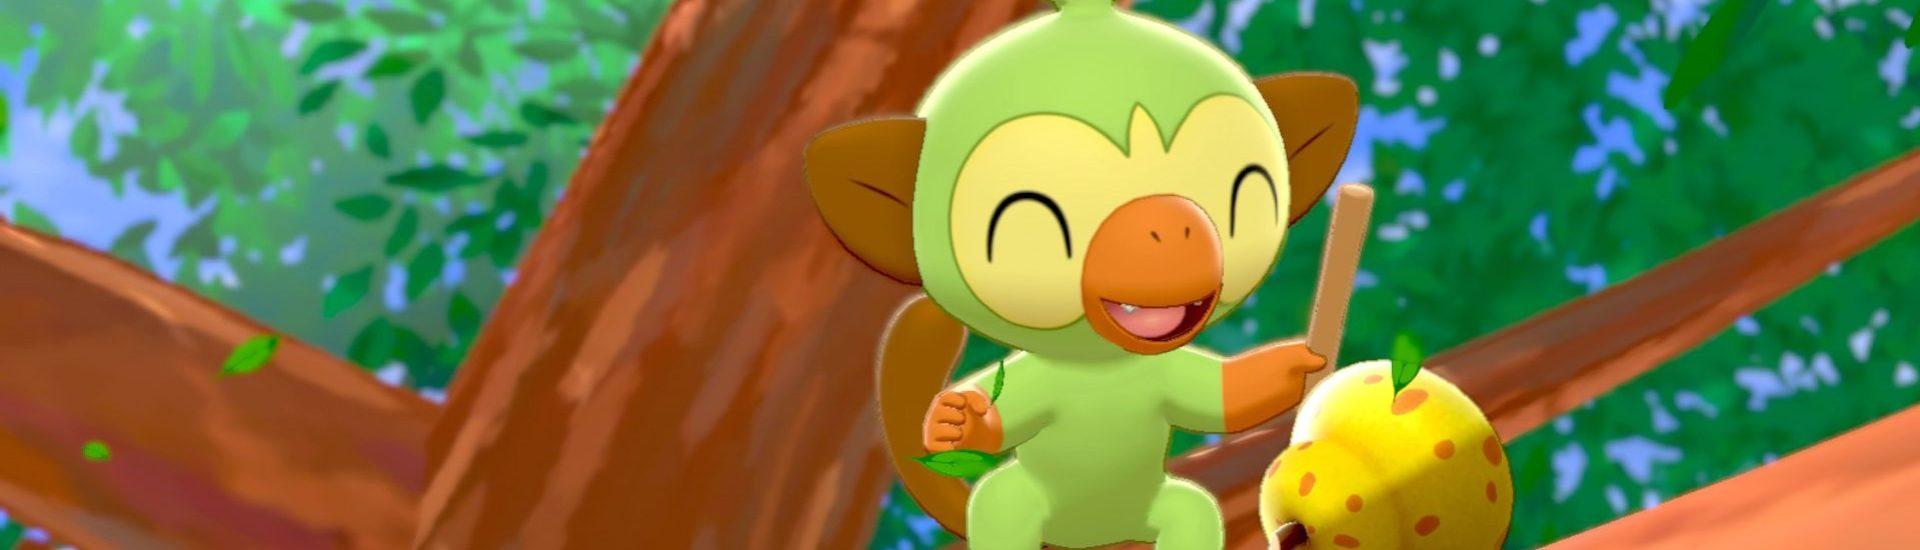 Pokémon Schwert/Schild: Platz drei der meistverkauften Pokémon-Titel